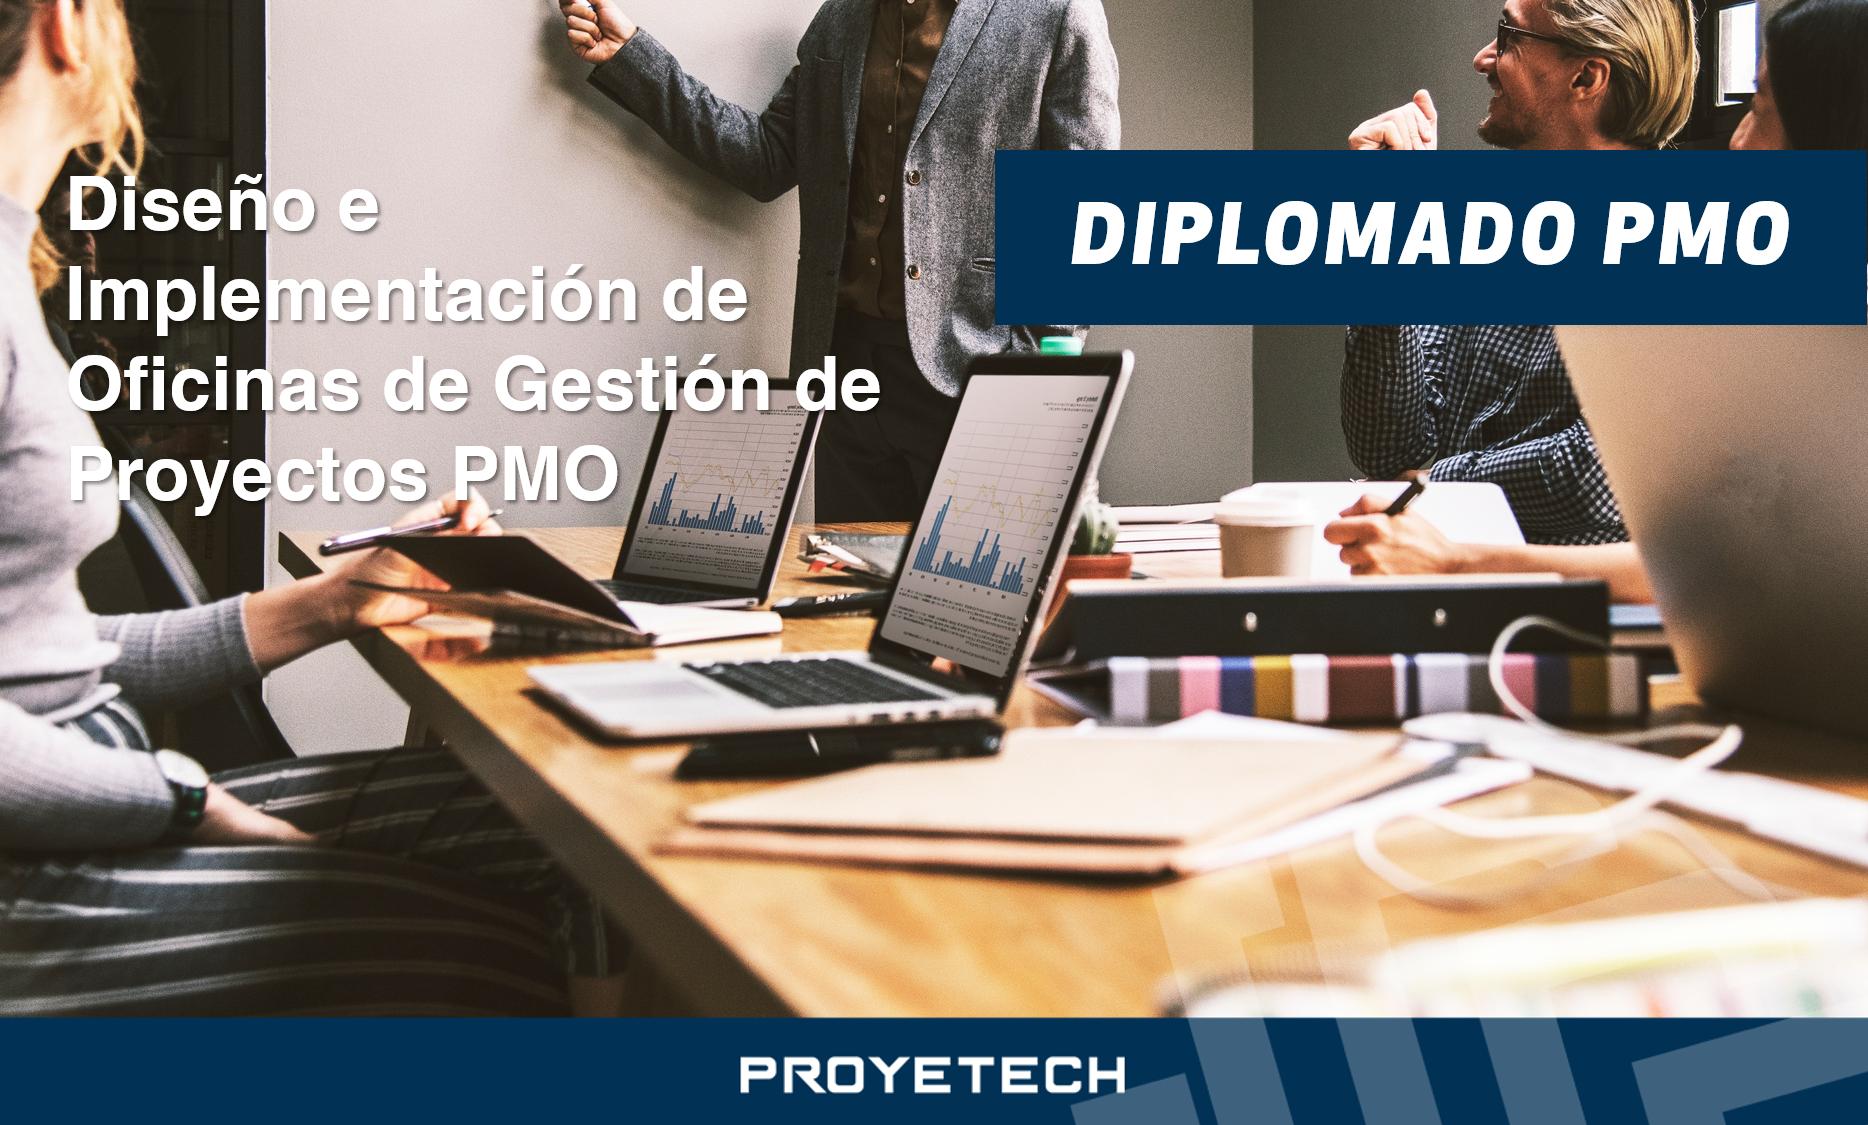 Diplomado Online - Diseño e Implementación de PMO Alineada a los objetivos estratégicos de la Organización.